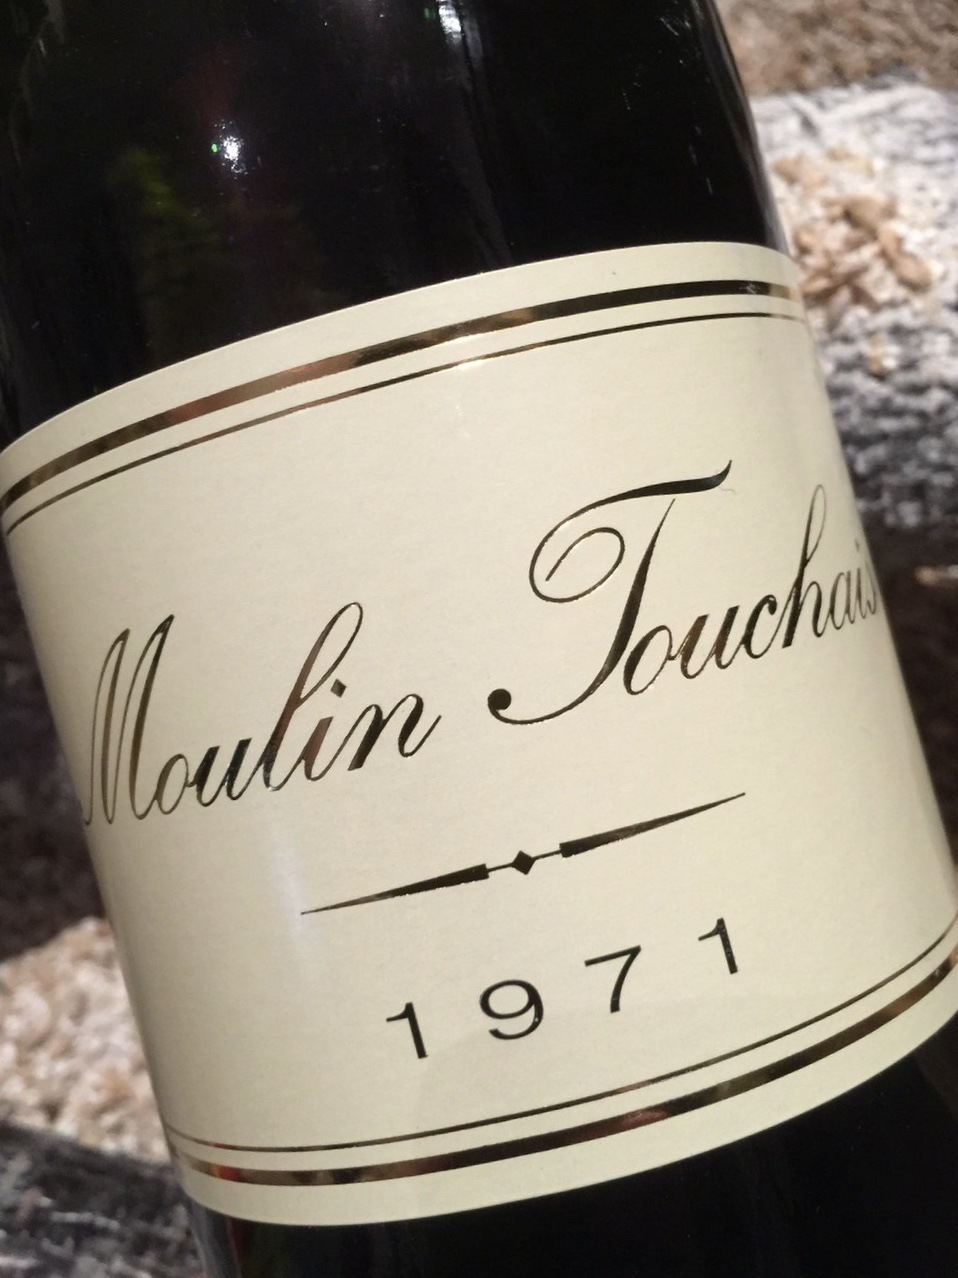 Moulin Touchais 1971